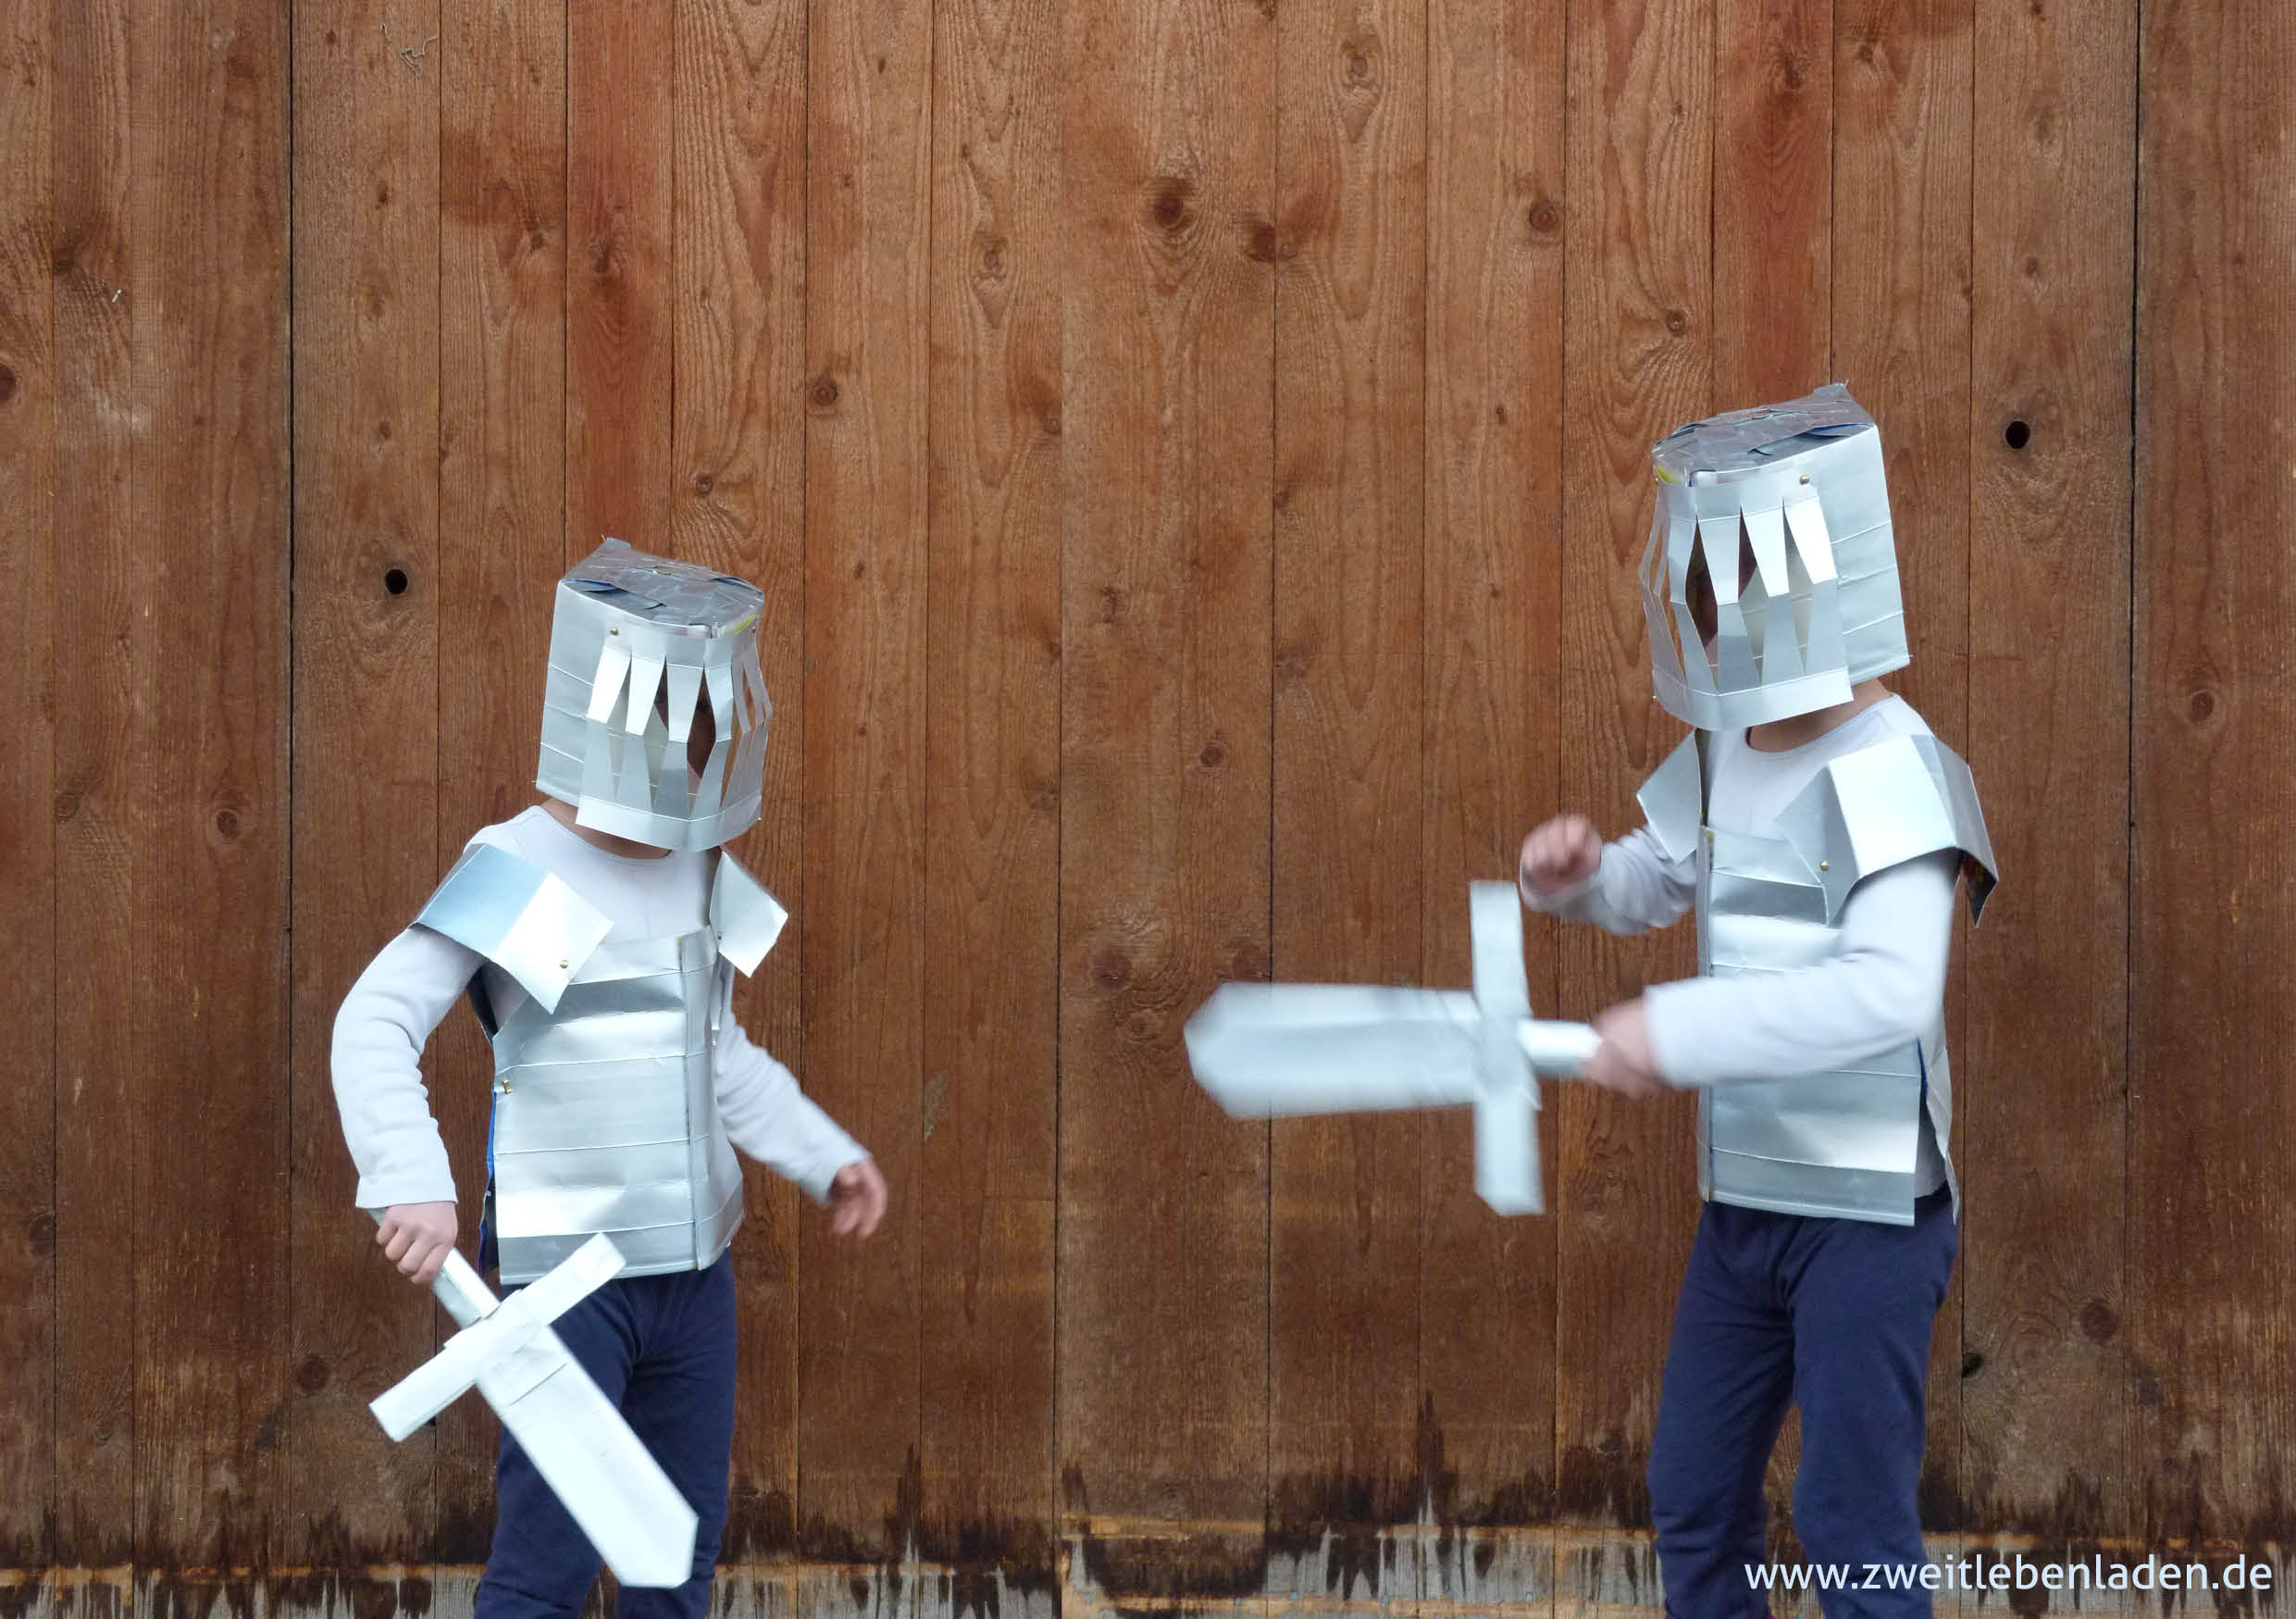 Ritterkampf_Ritterrüstung für Kinder aus Tetra Pak